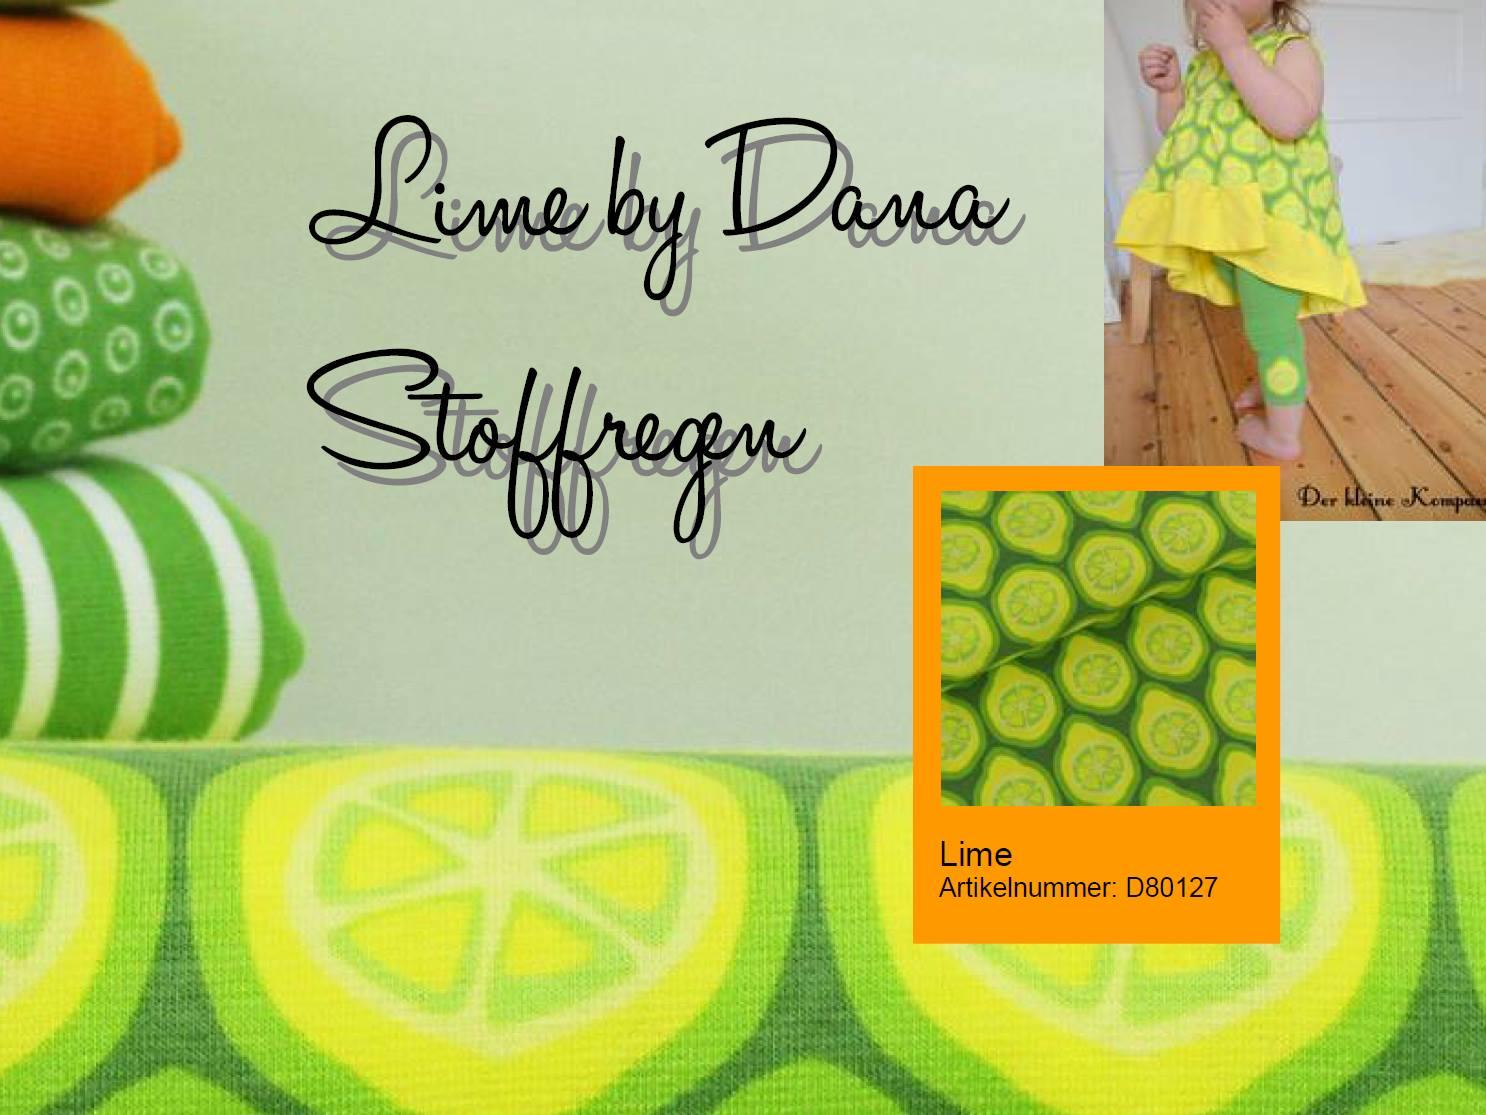 Lime by Stoffregen